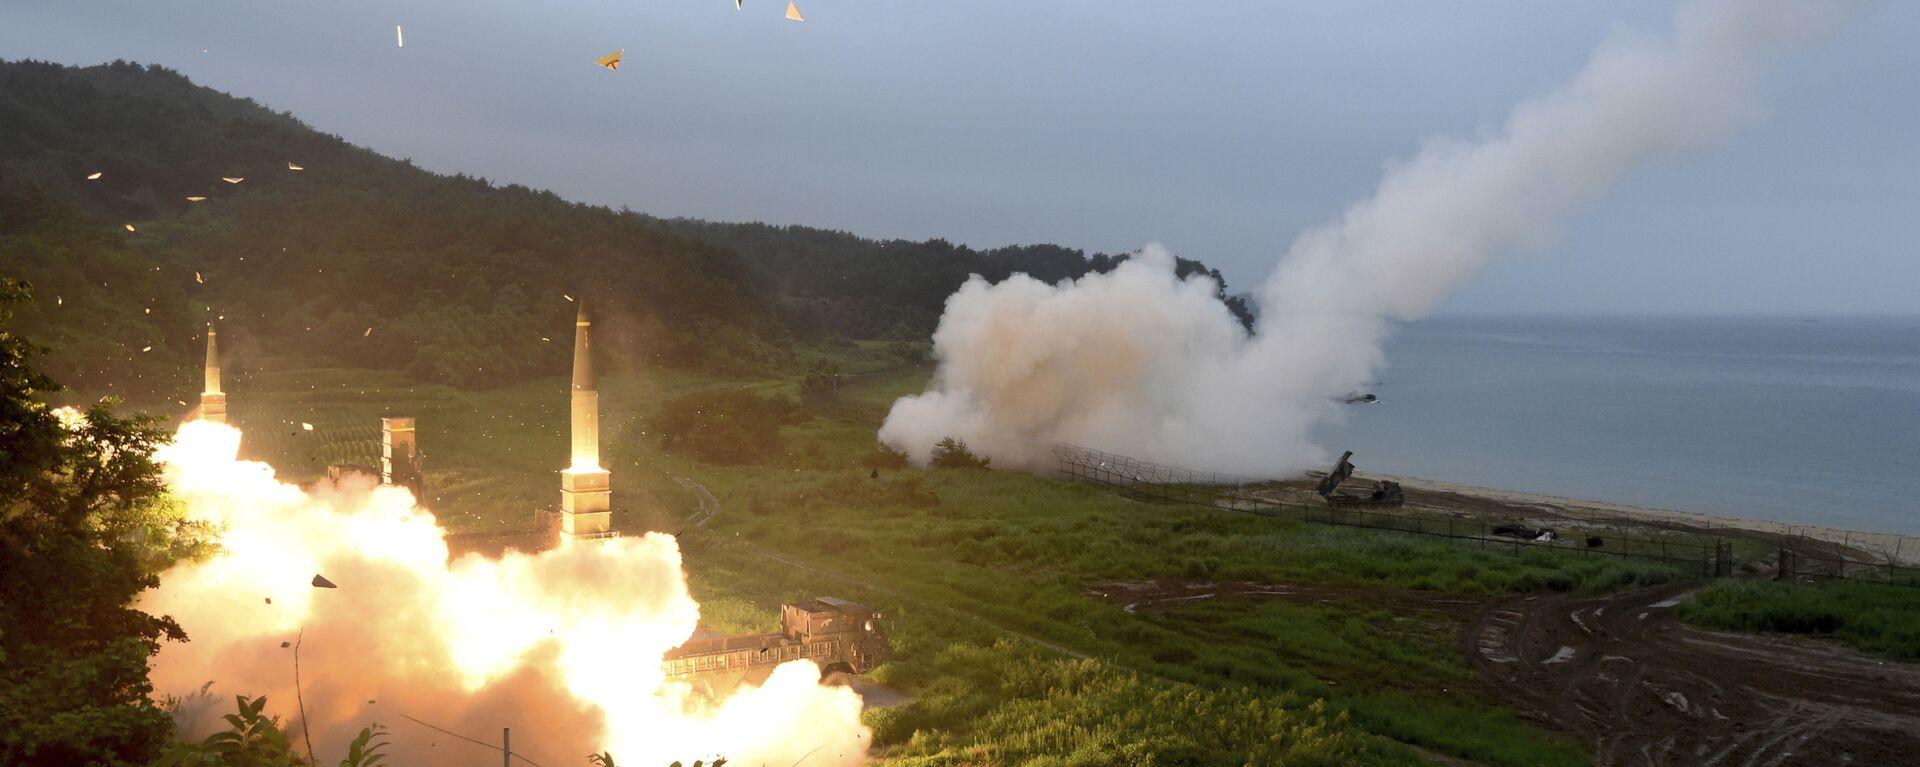 Lanzamiento de misiles durante un ejercicio militar combinado de Corea del Sur y EEUU, el 29 de julio de 2017 (Archivo). - Sputnik Mundo, 1920, 11.03.2021